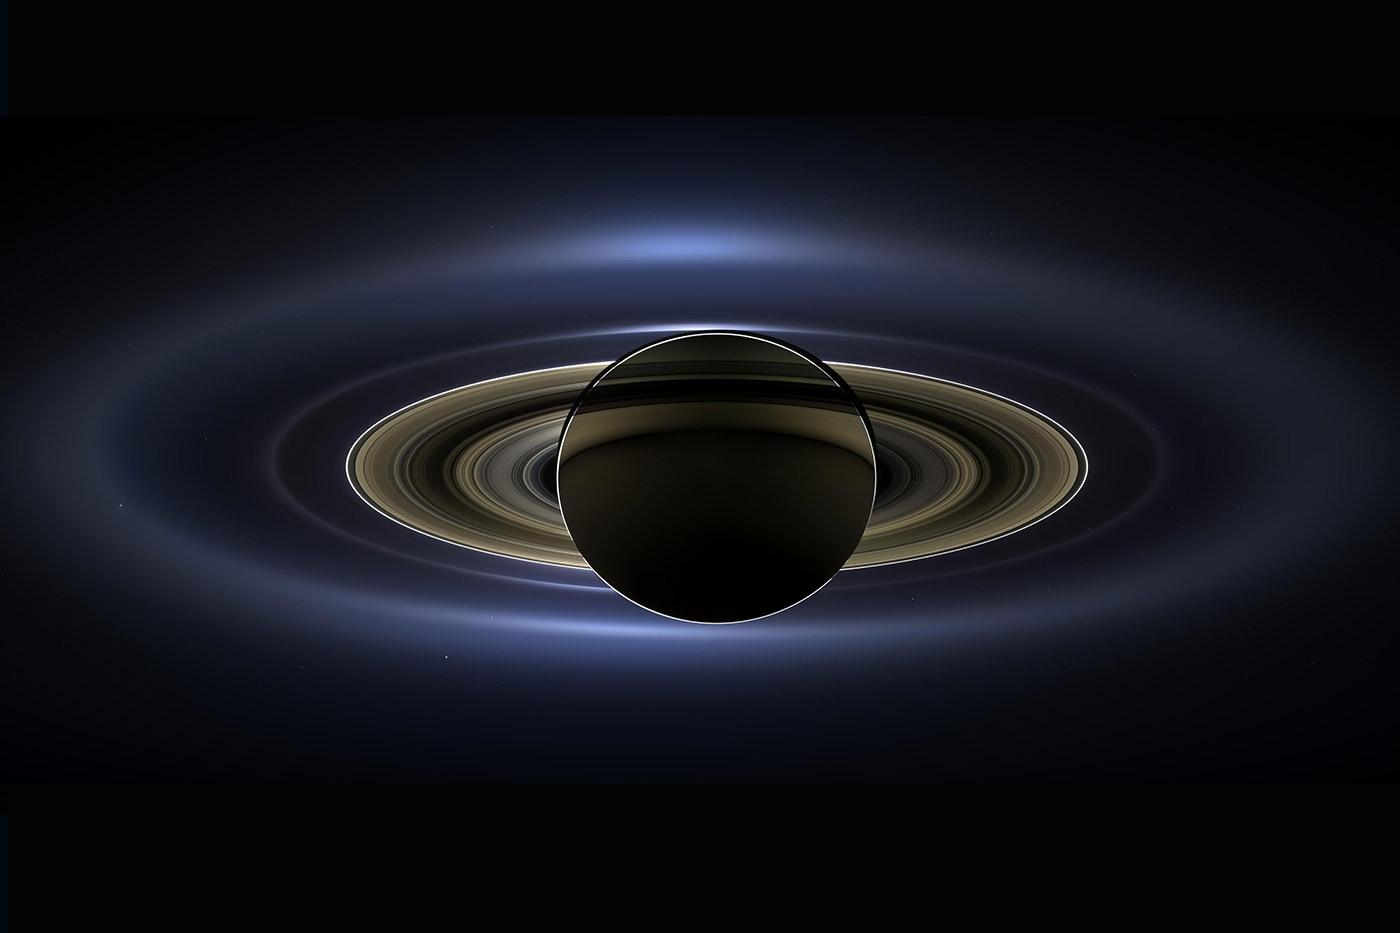 Лучшие научные фотографии этого года по версии Nature (12 фото)